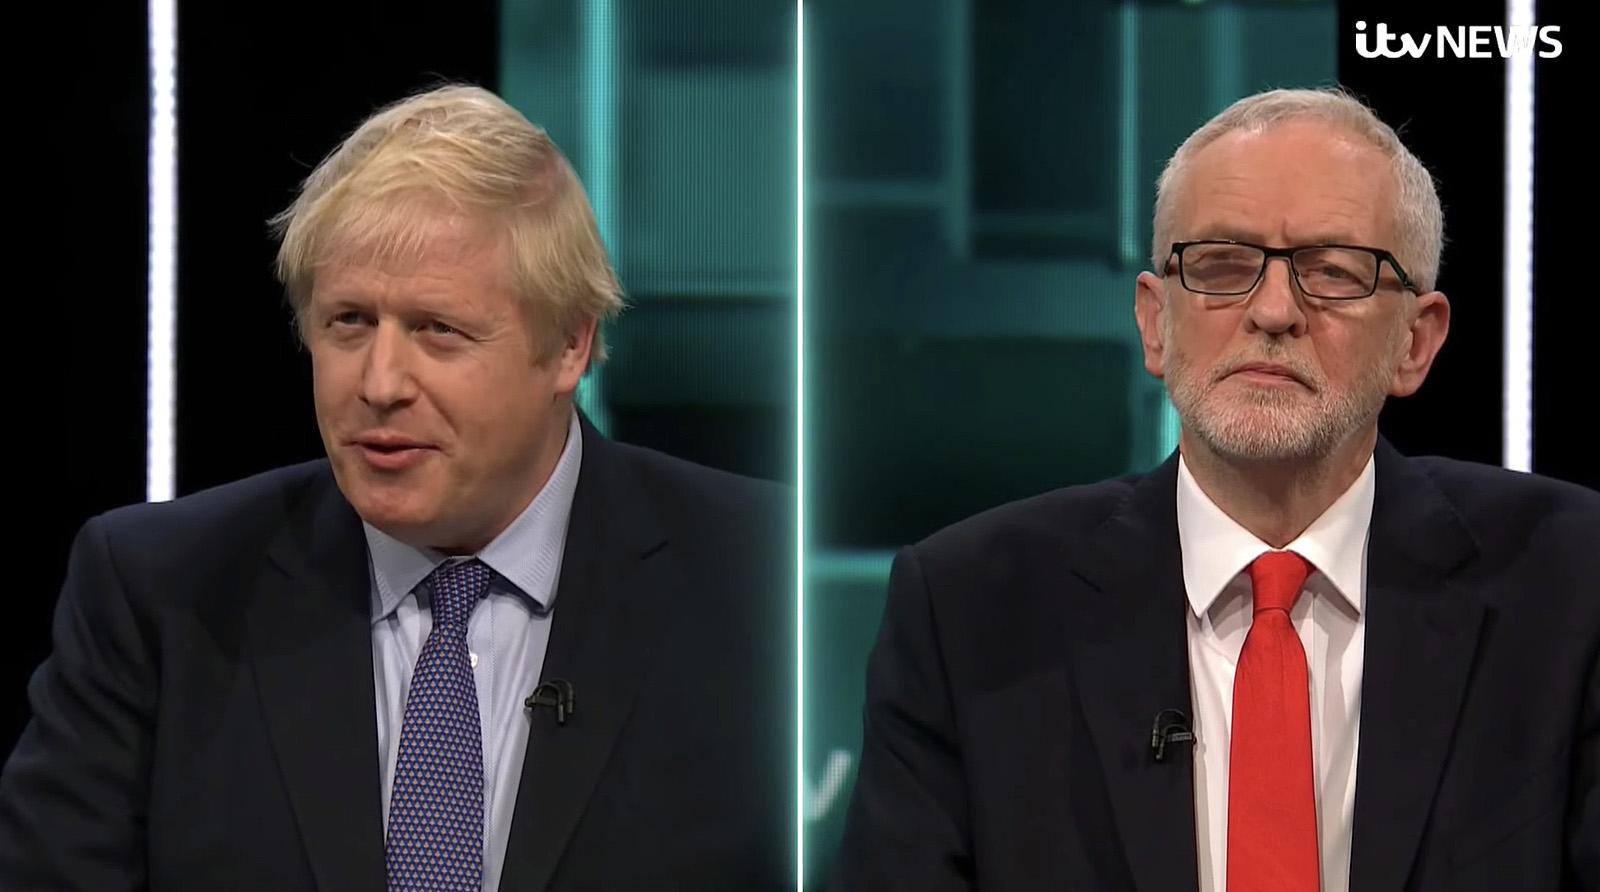 NCS_ITV_Leaders-Debate_2019_003